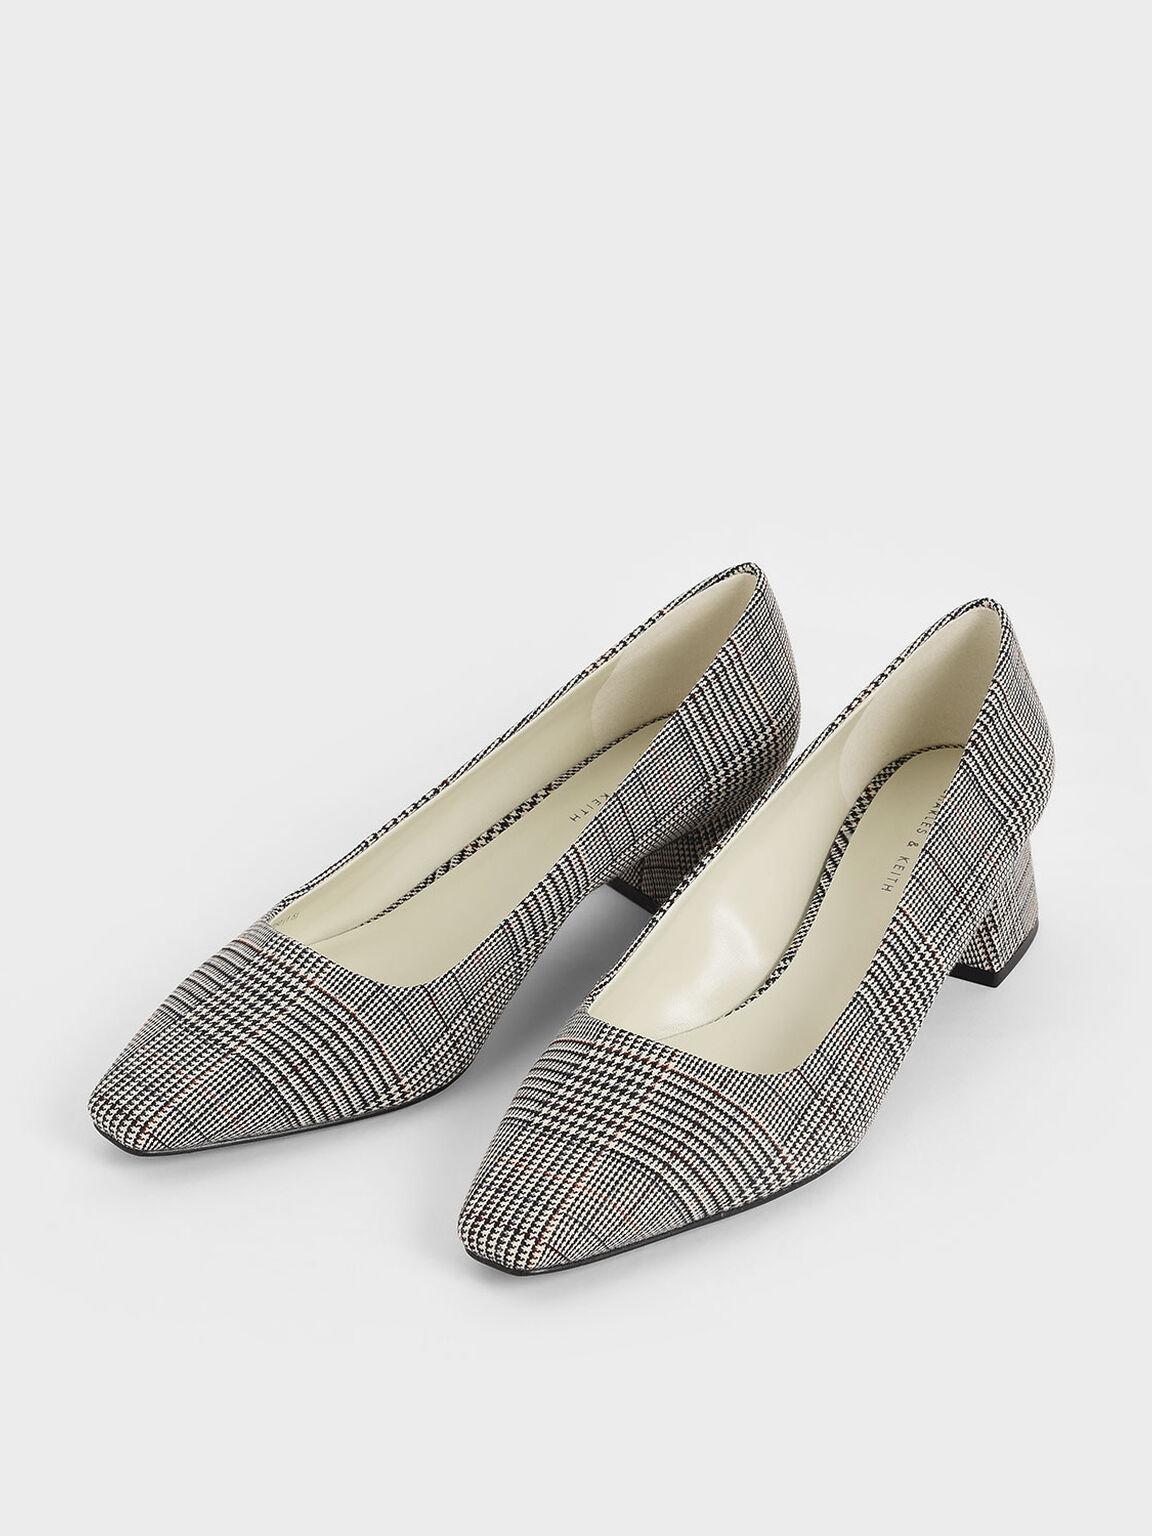 微方頭粗跟鞋, 淺灰色, hi-res